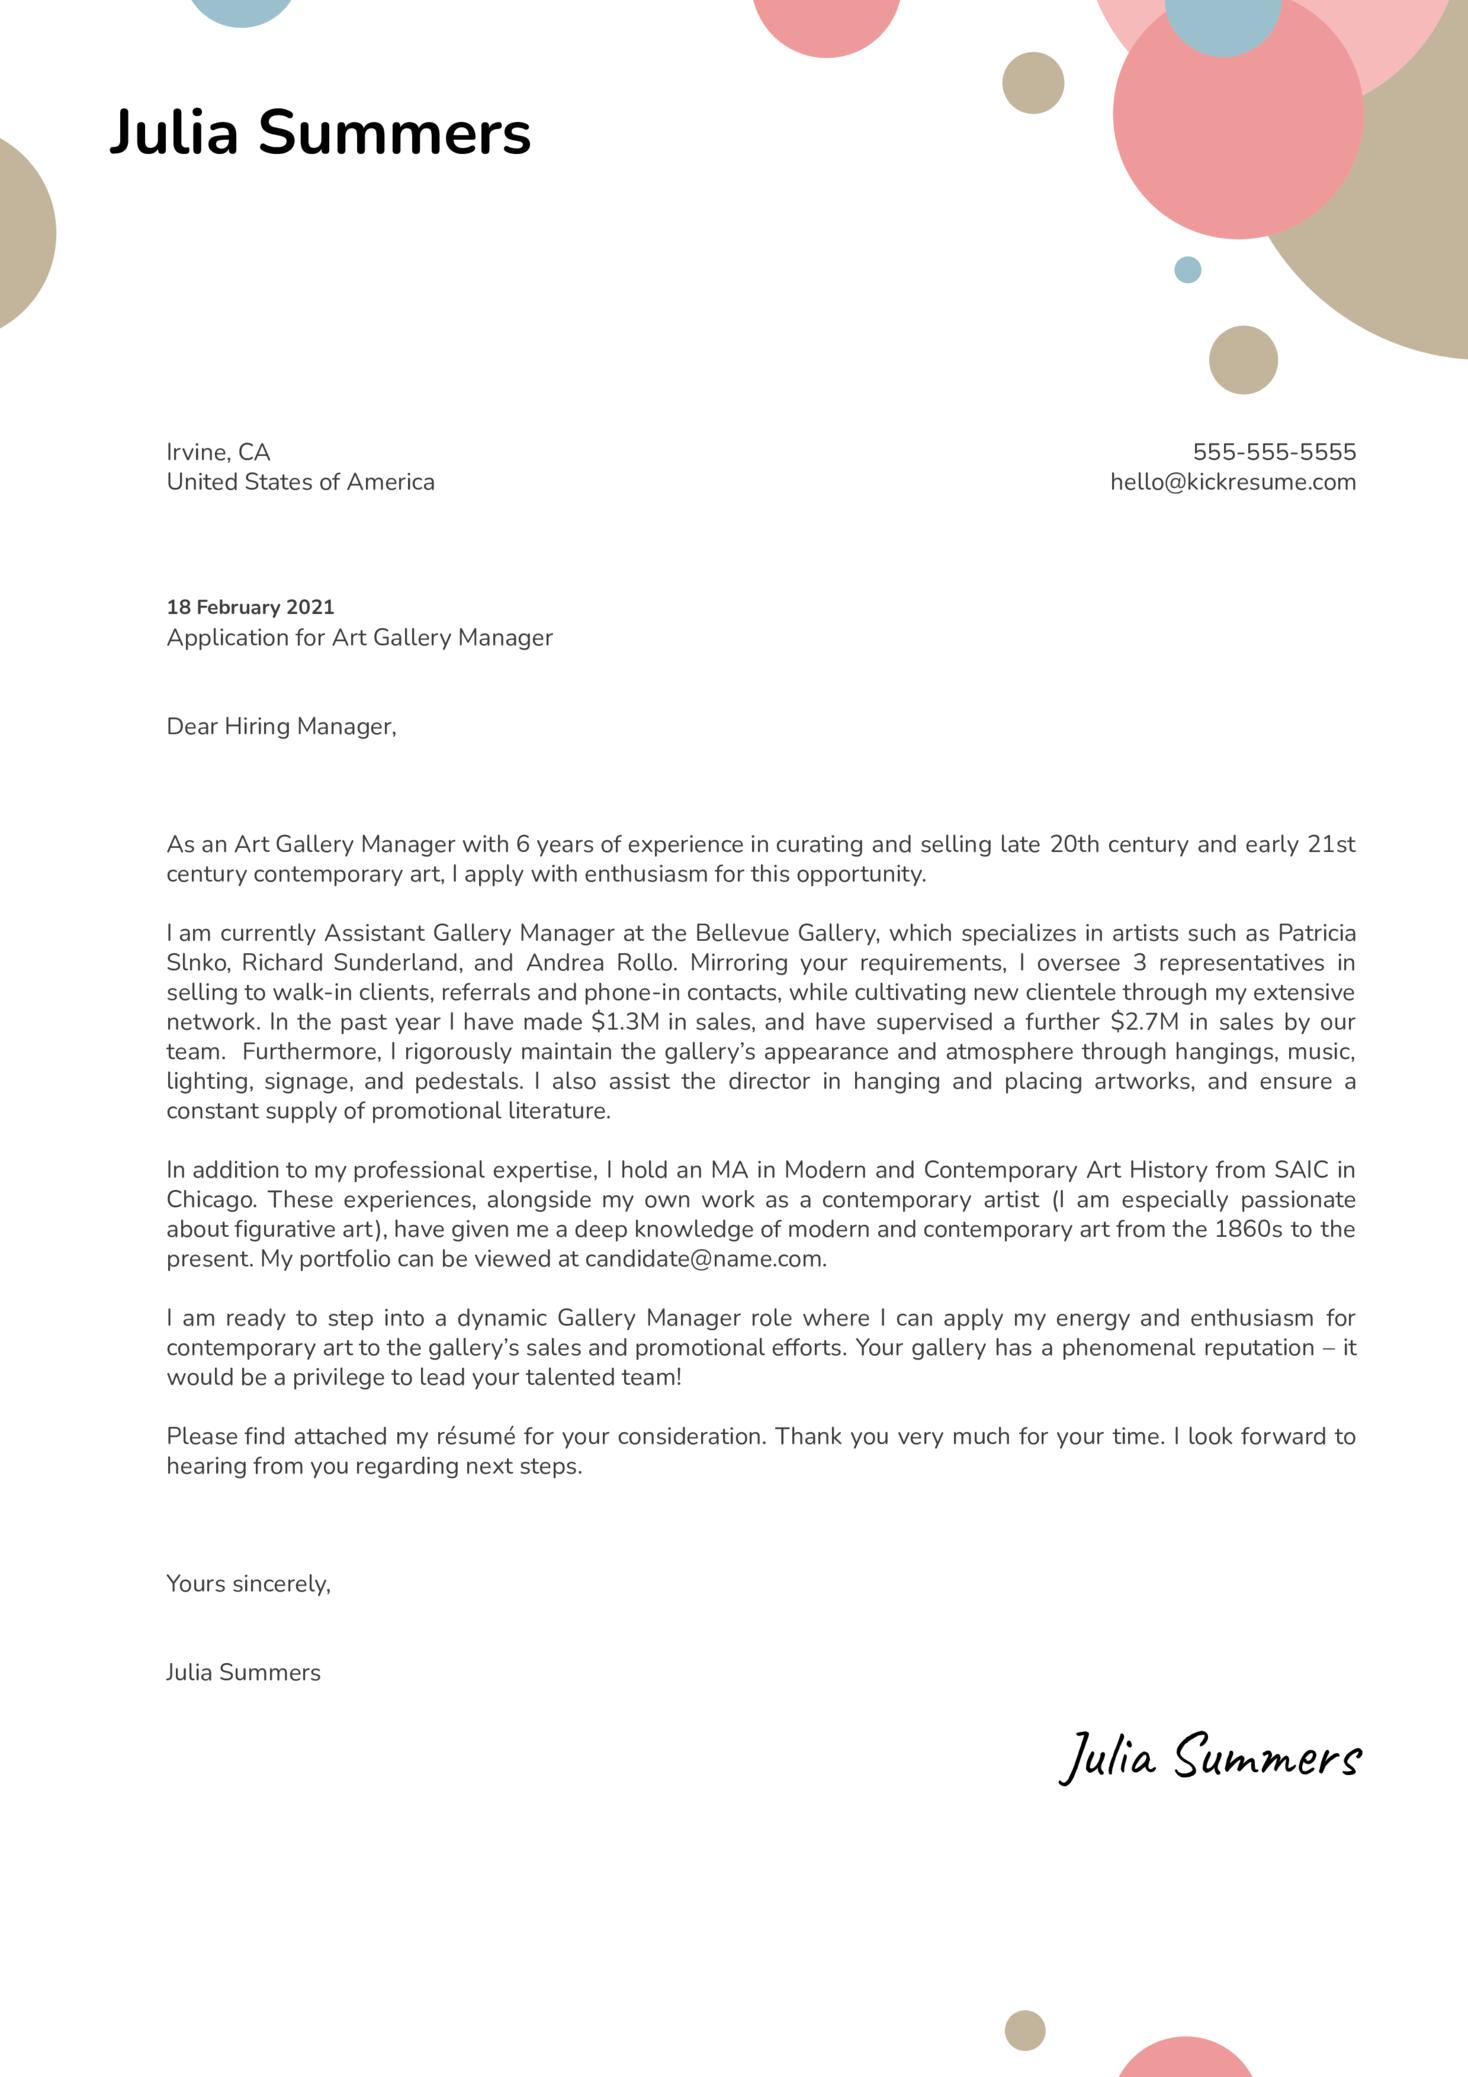 Art Gallery Manager Cover Letter Sample Kickresume